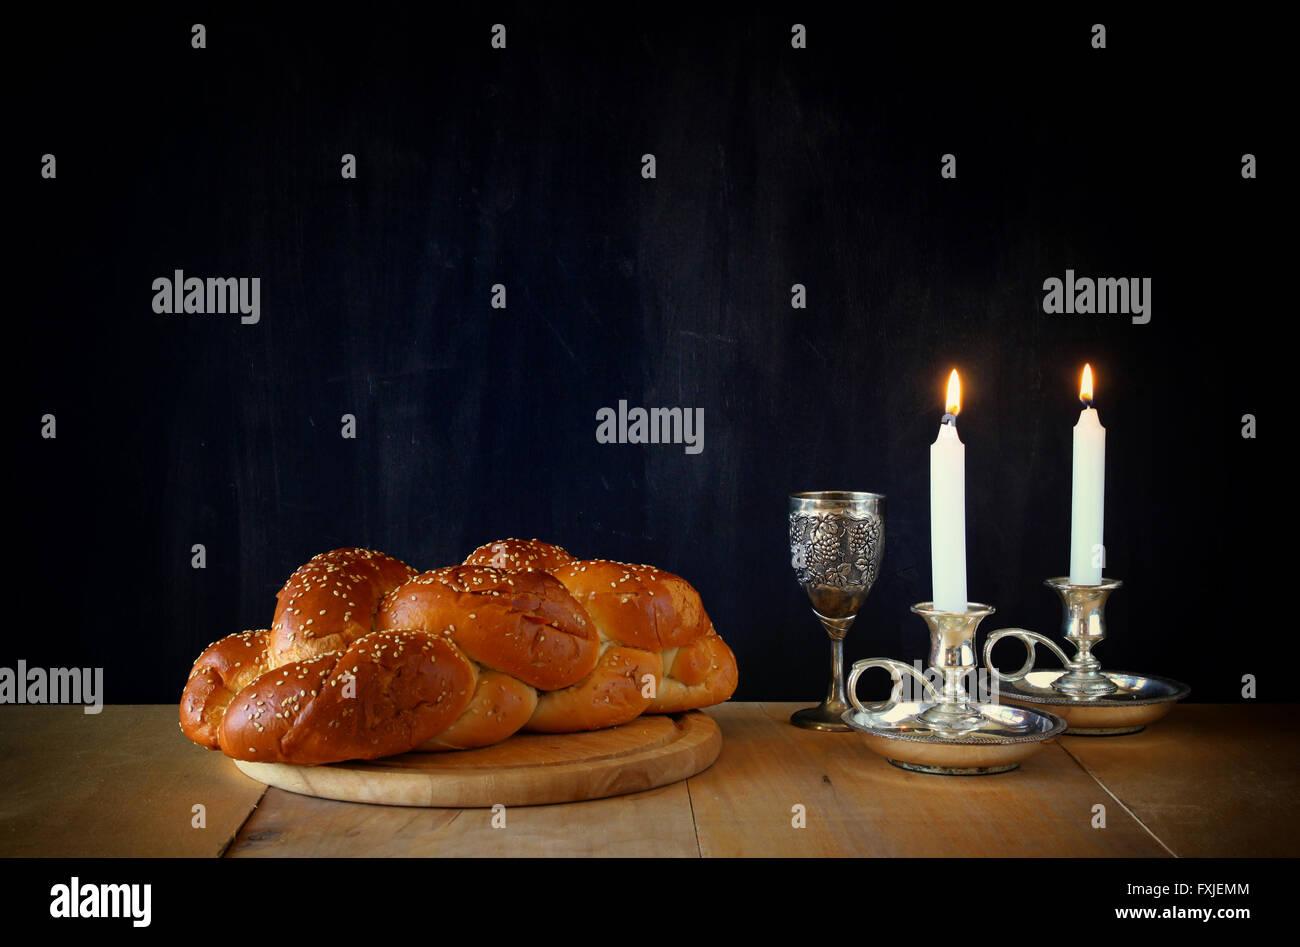 Sábado imagen concepto de la religión judía. Imagen De Stock